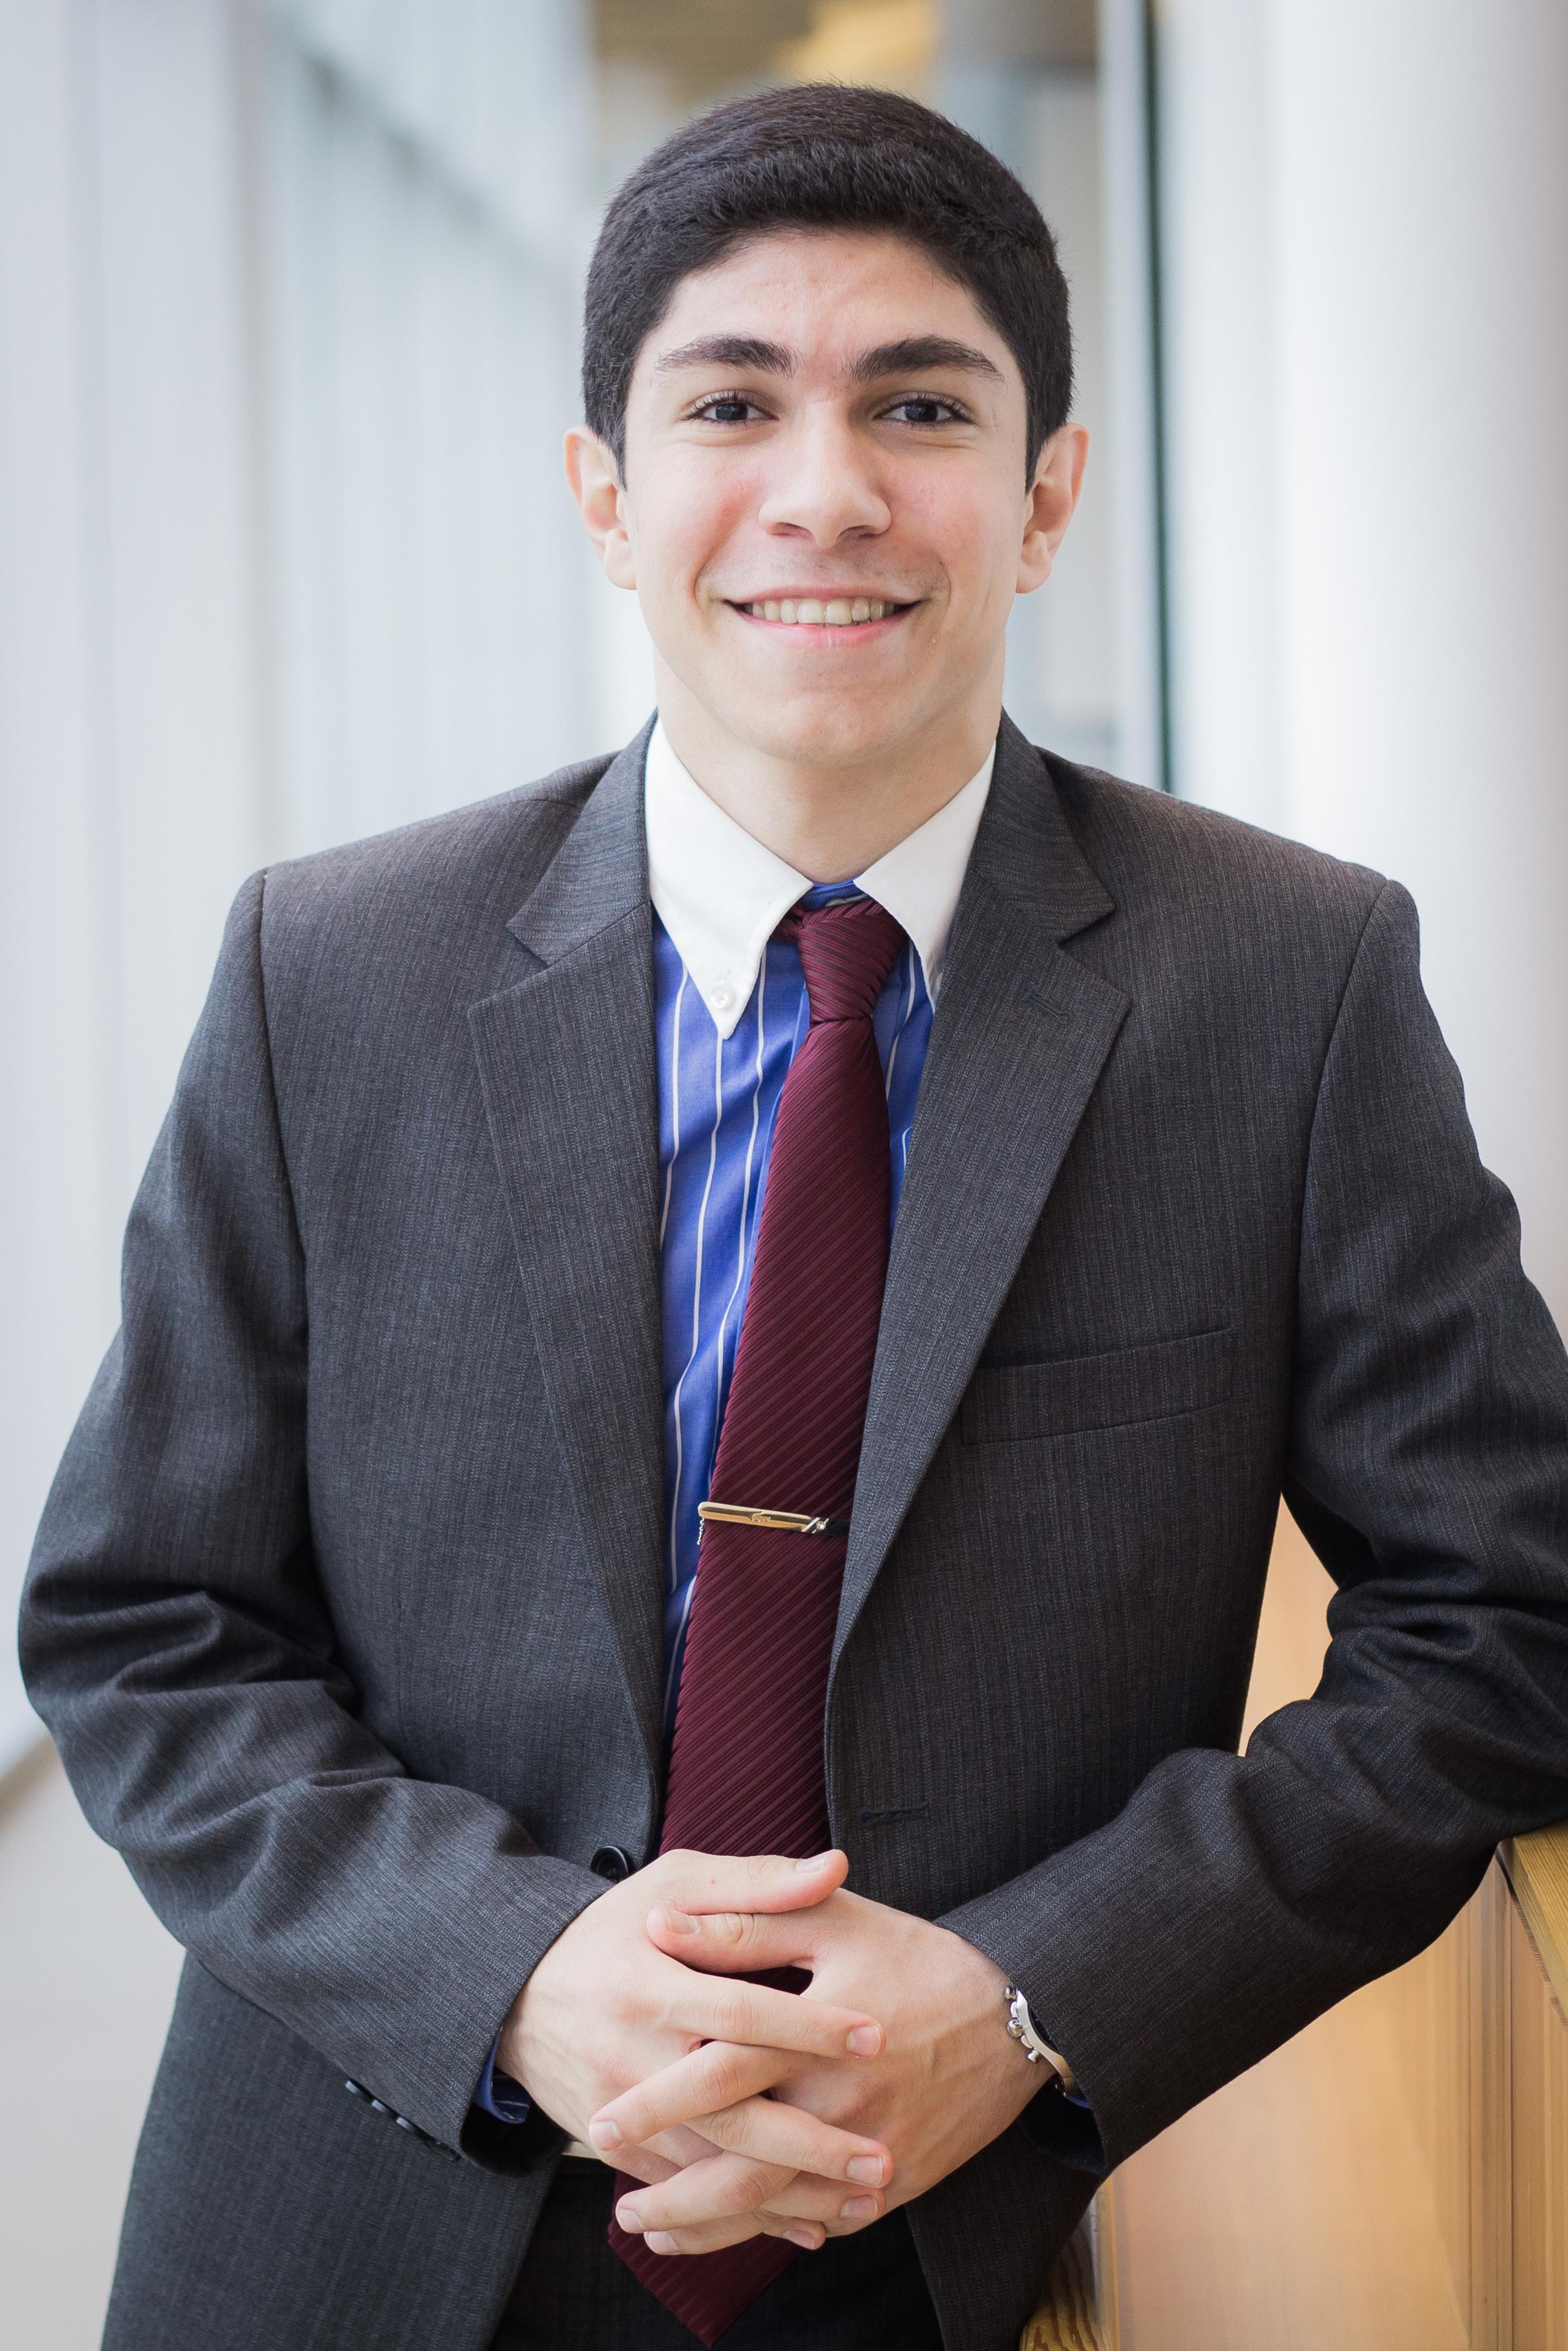 Arian Zand, Finance Coordinator